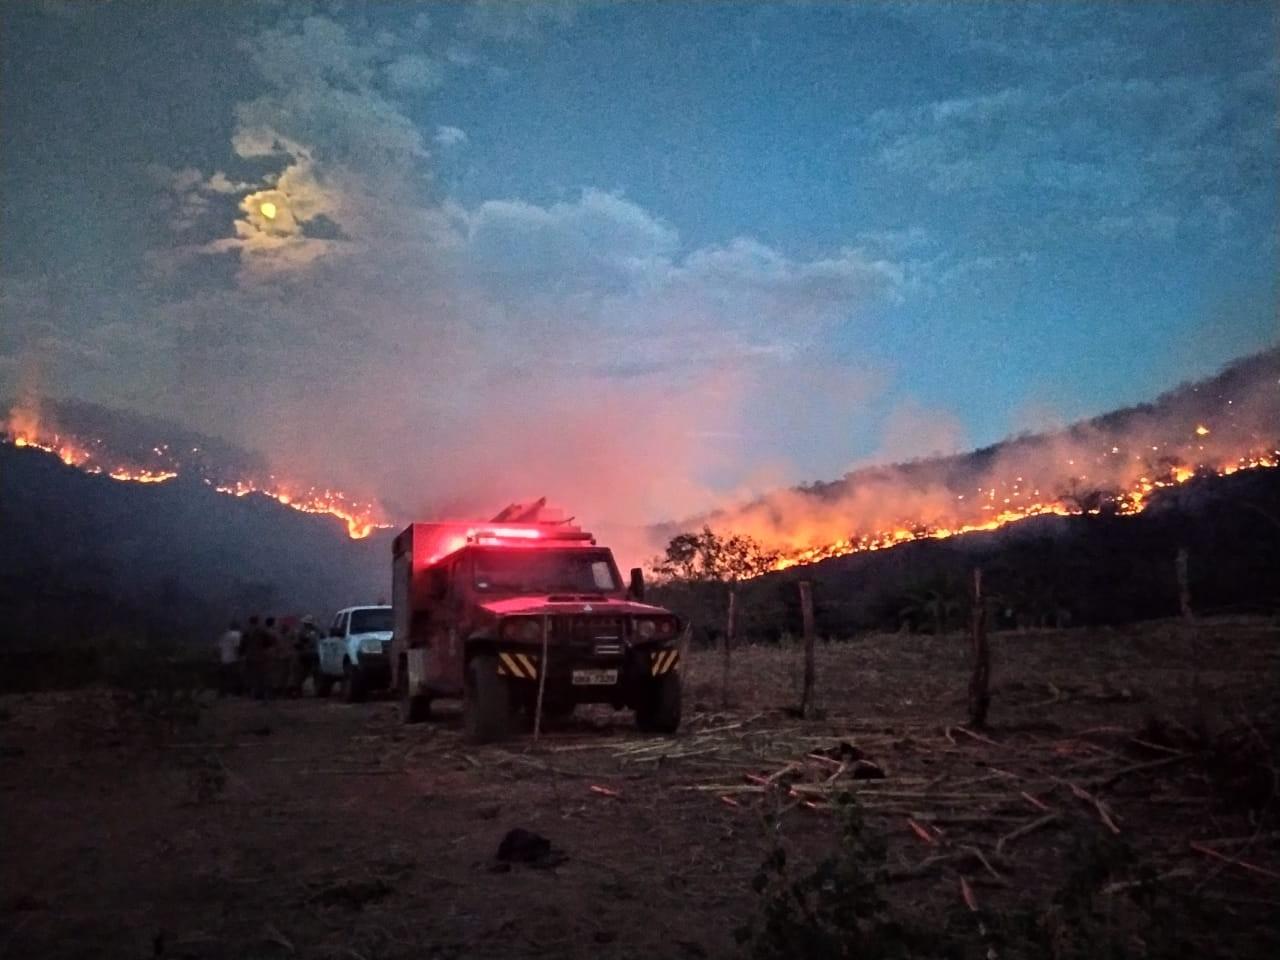 Após seis dias, bombeiros controlam incêndio florestal no interior do RN  - Notícias - Plantão Diário